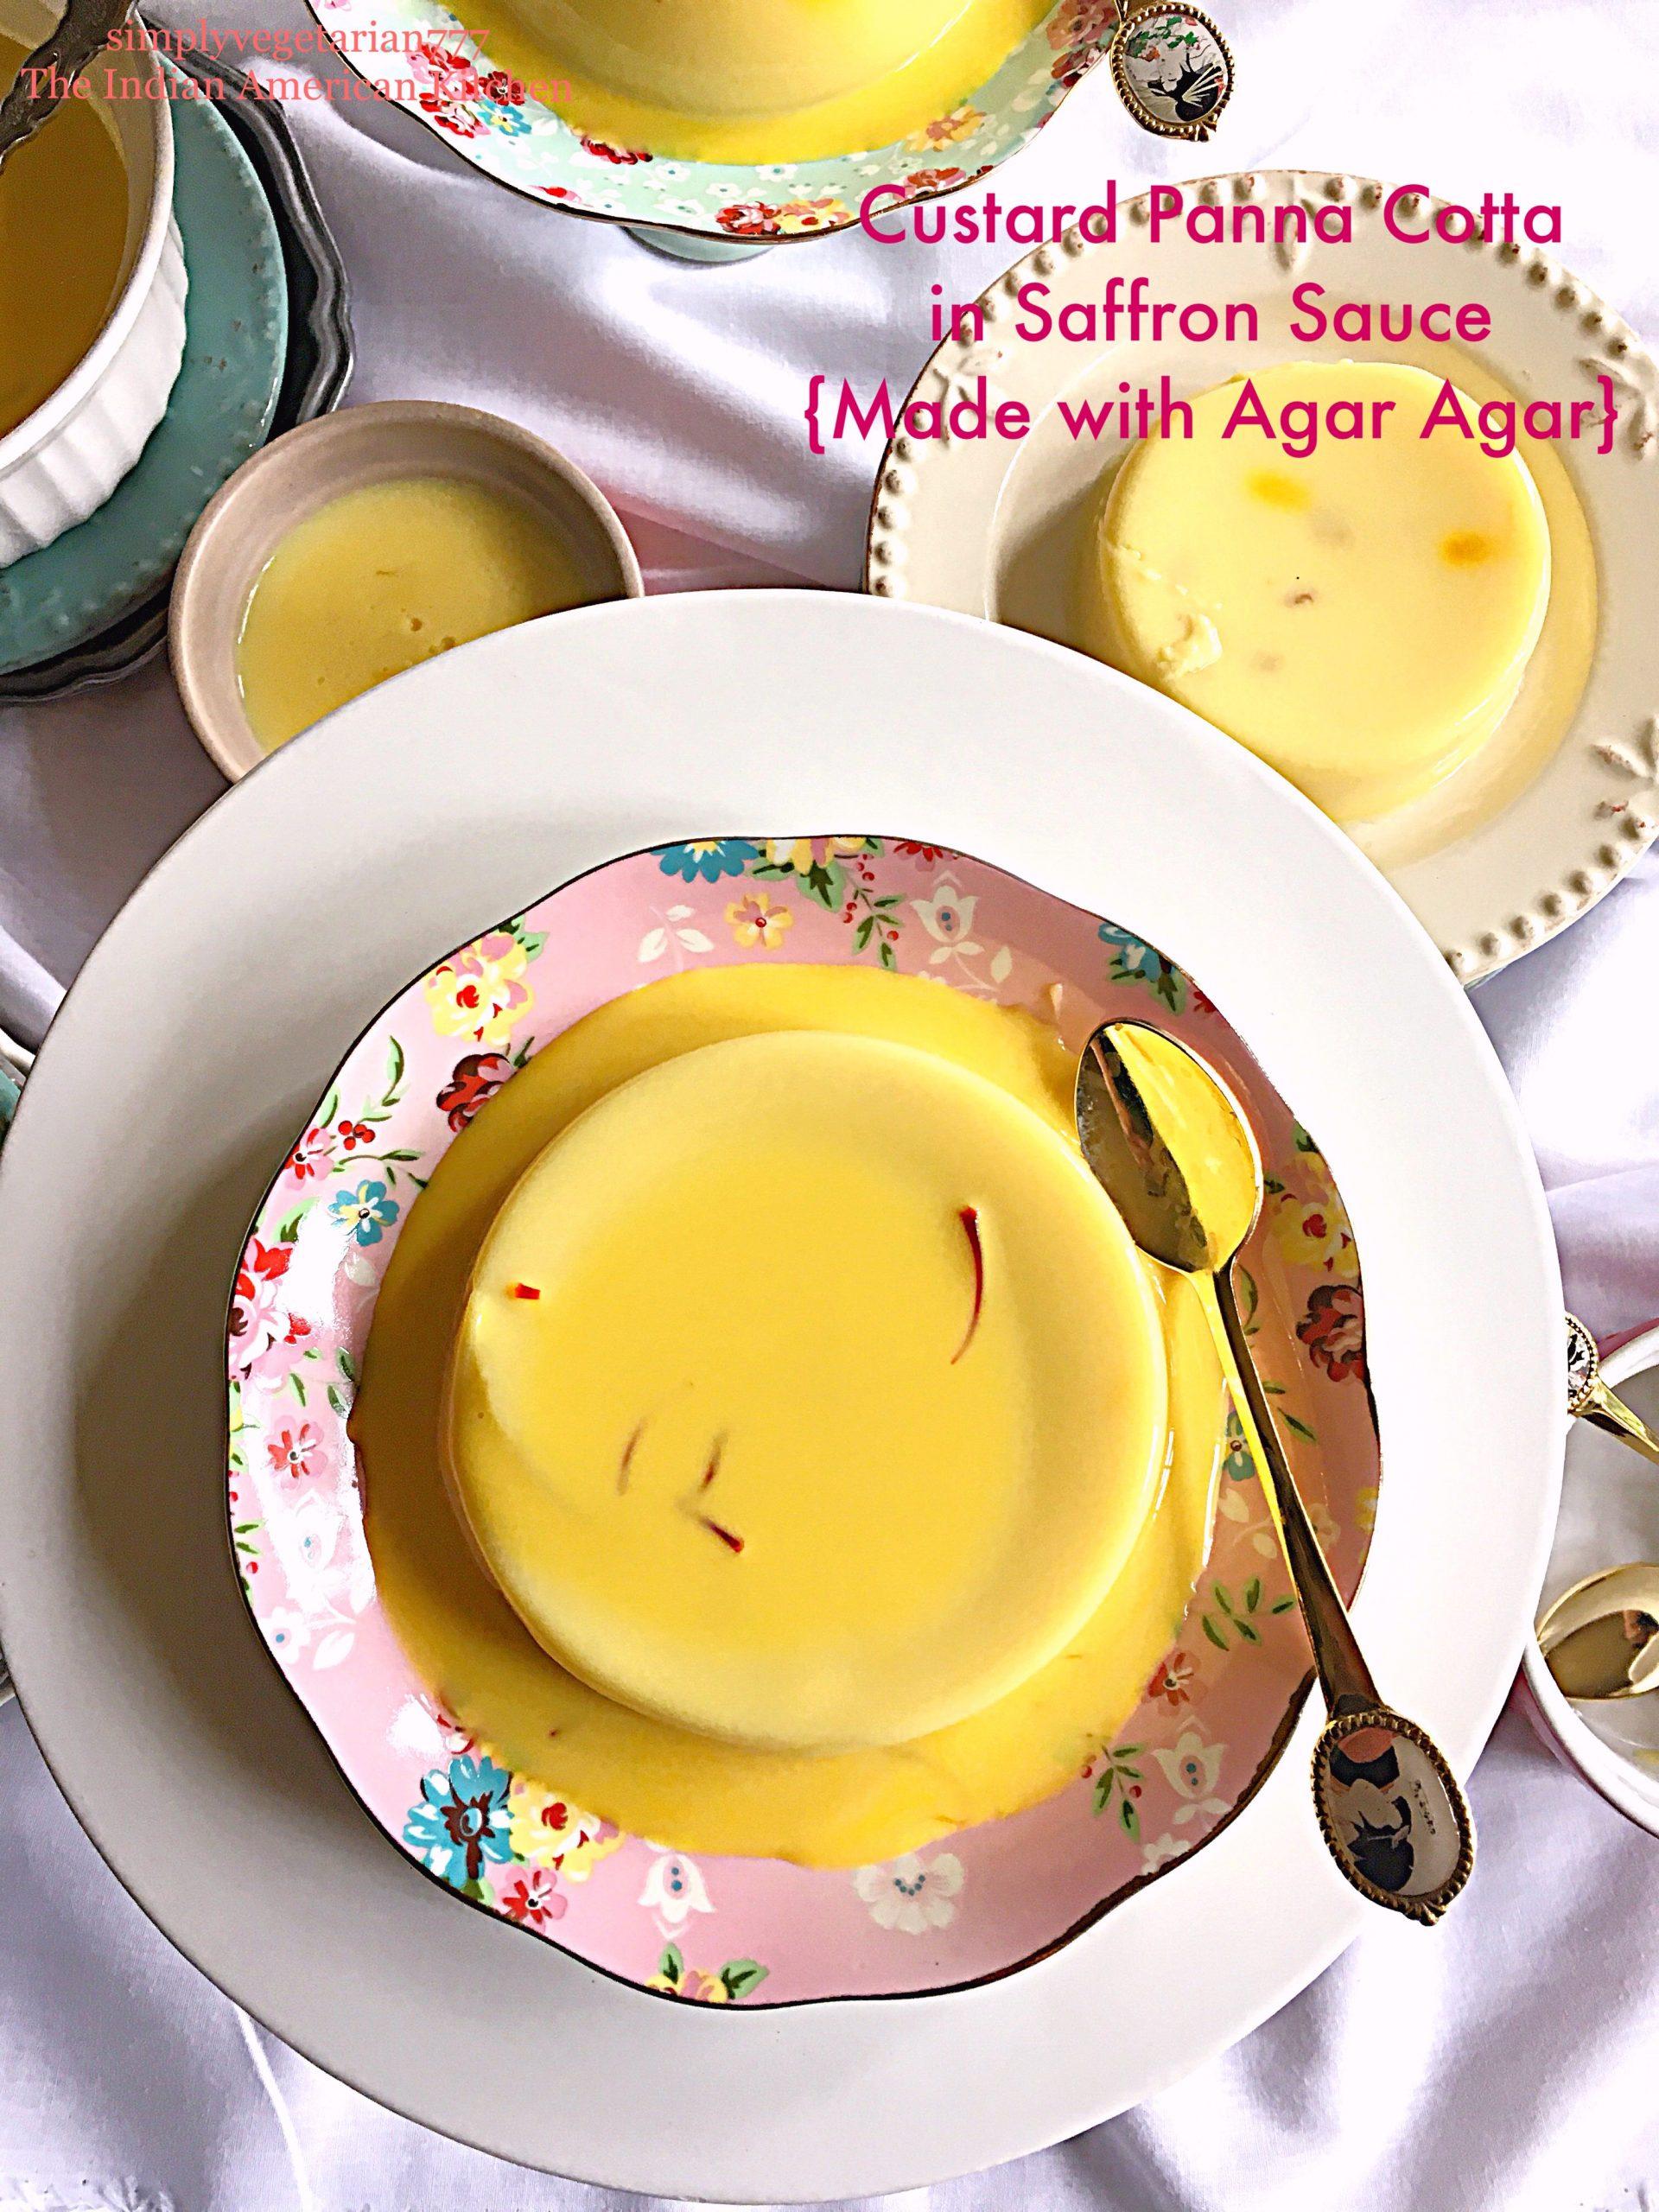 Custard Panna Cotta in Saffron Sauce {Made with Agar Agar}